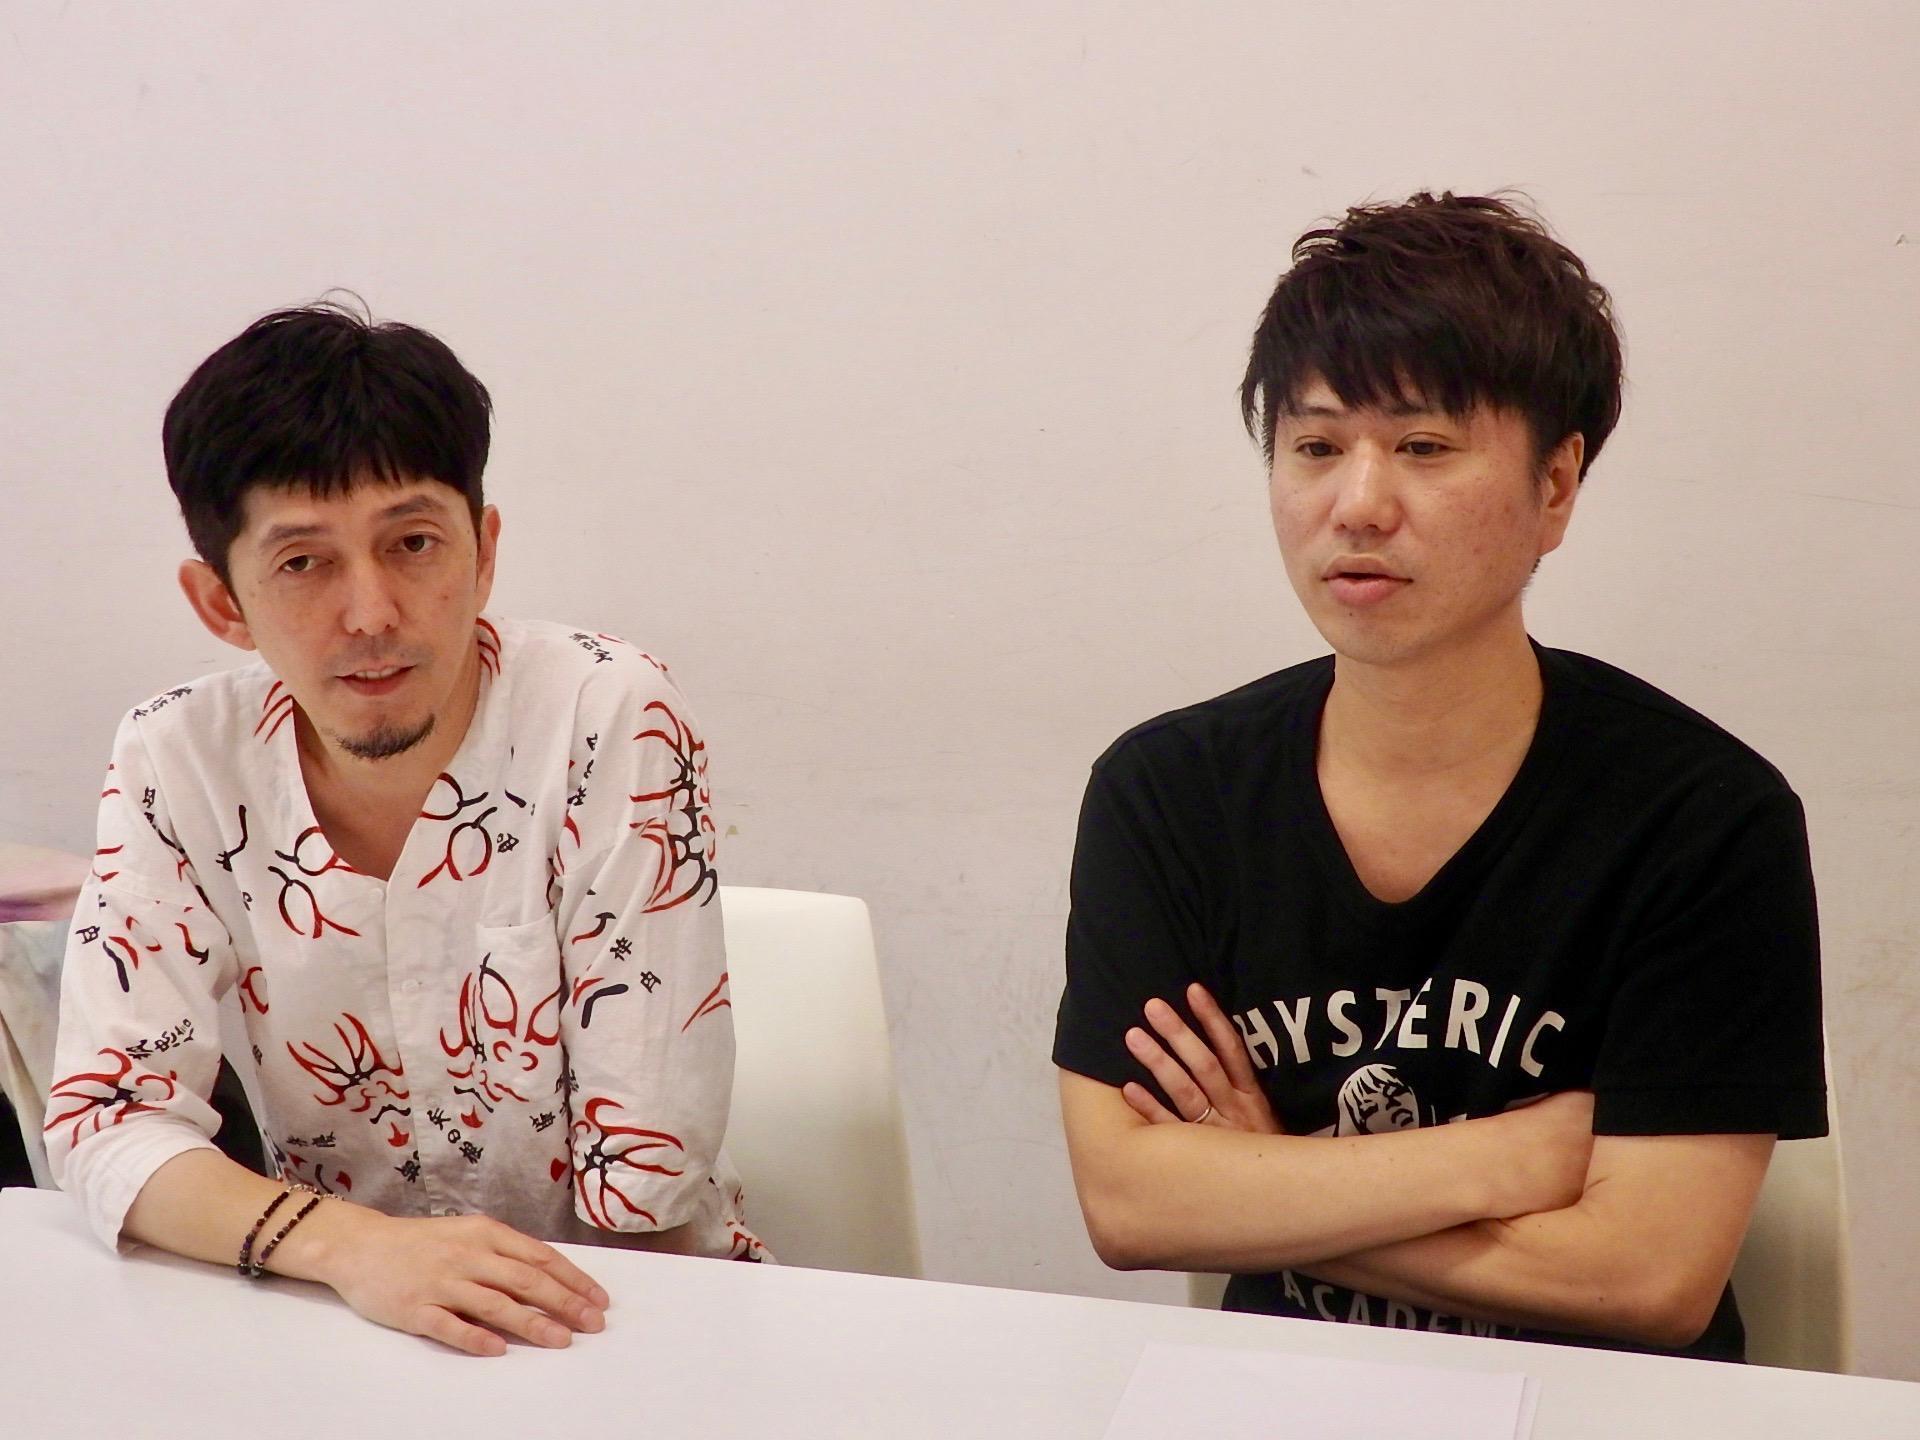 http://news.yoshimoto.co.jp/20181219055432-590a3f50ec10215ba1add9437821b9dd51c07ece.jpeg